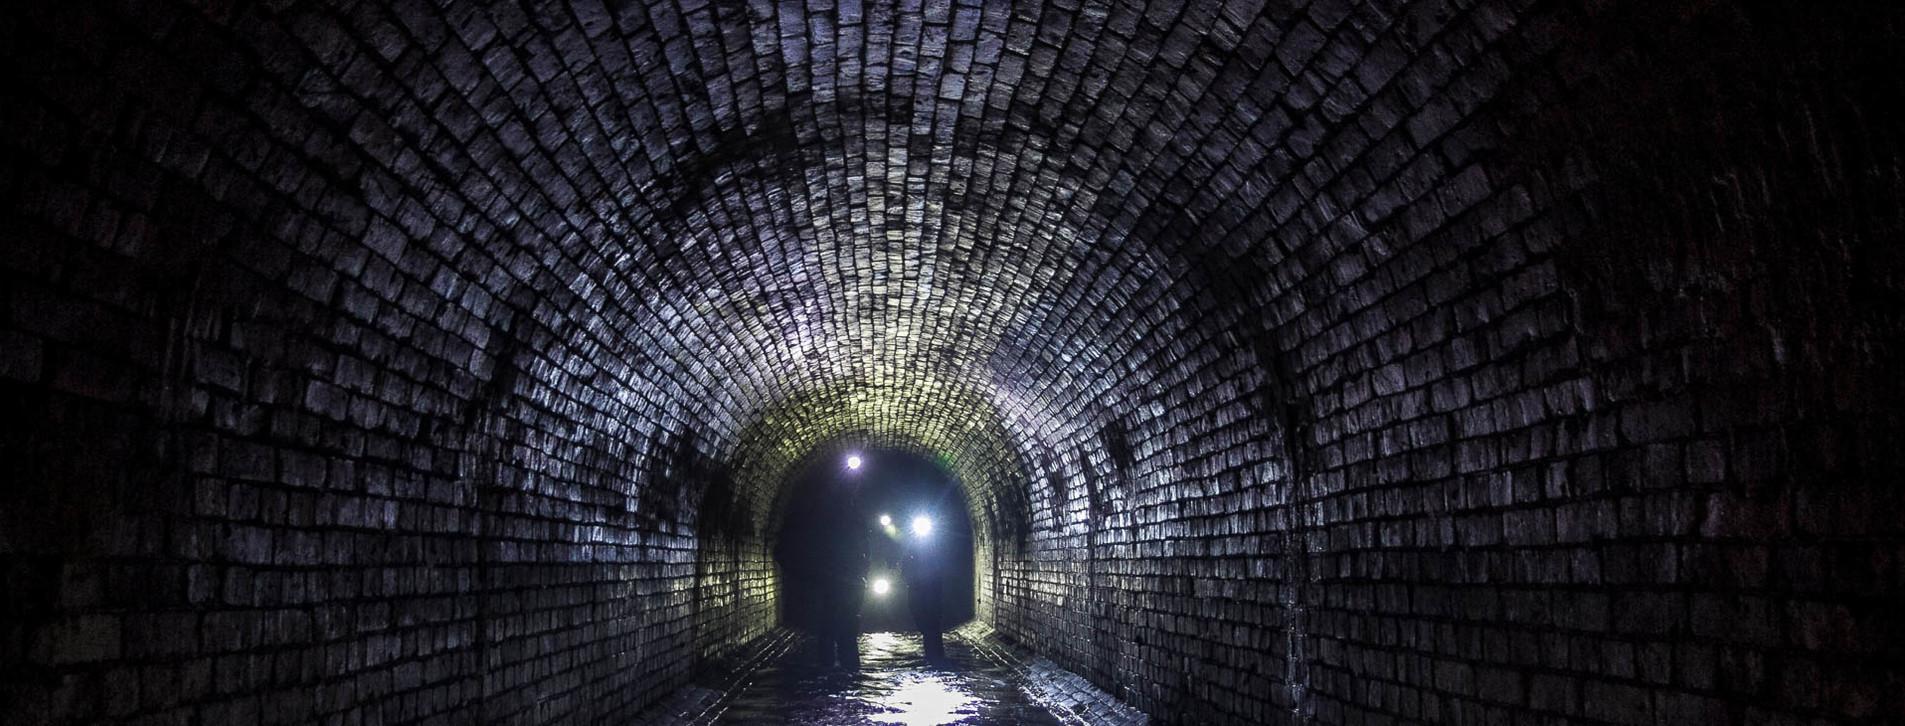 Фото 1 - Екскурсія в підземелля Києва для двох